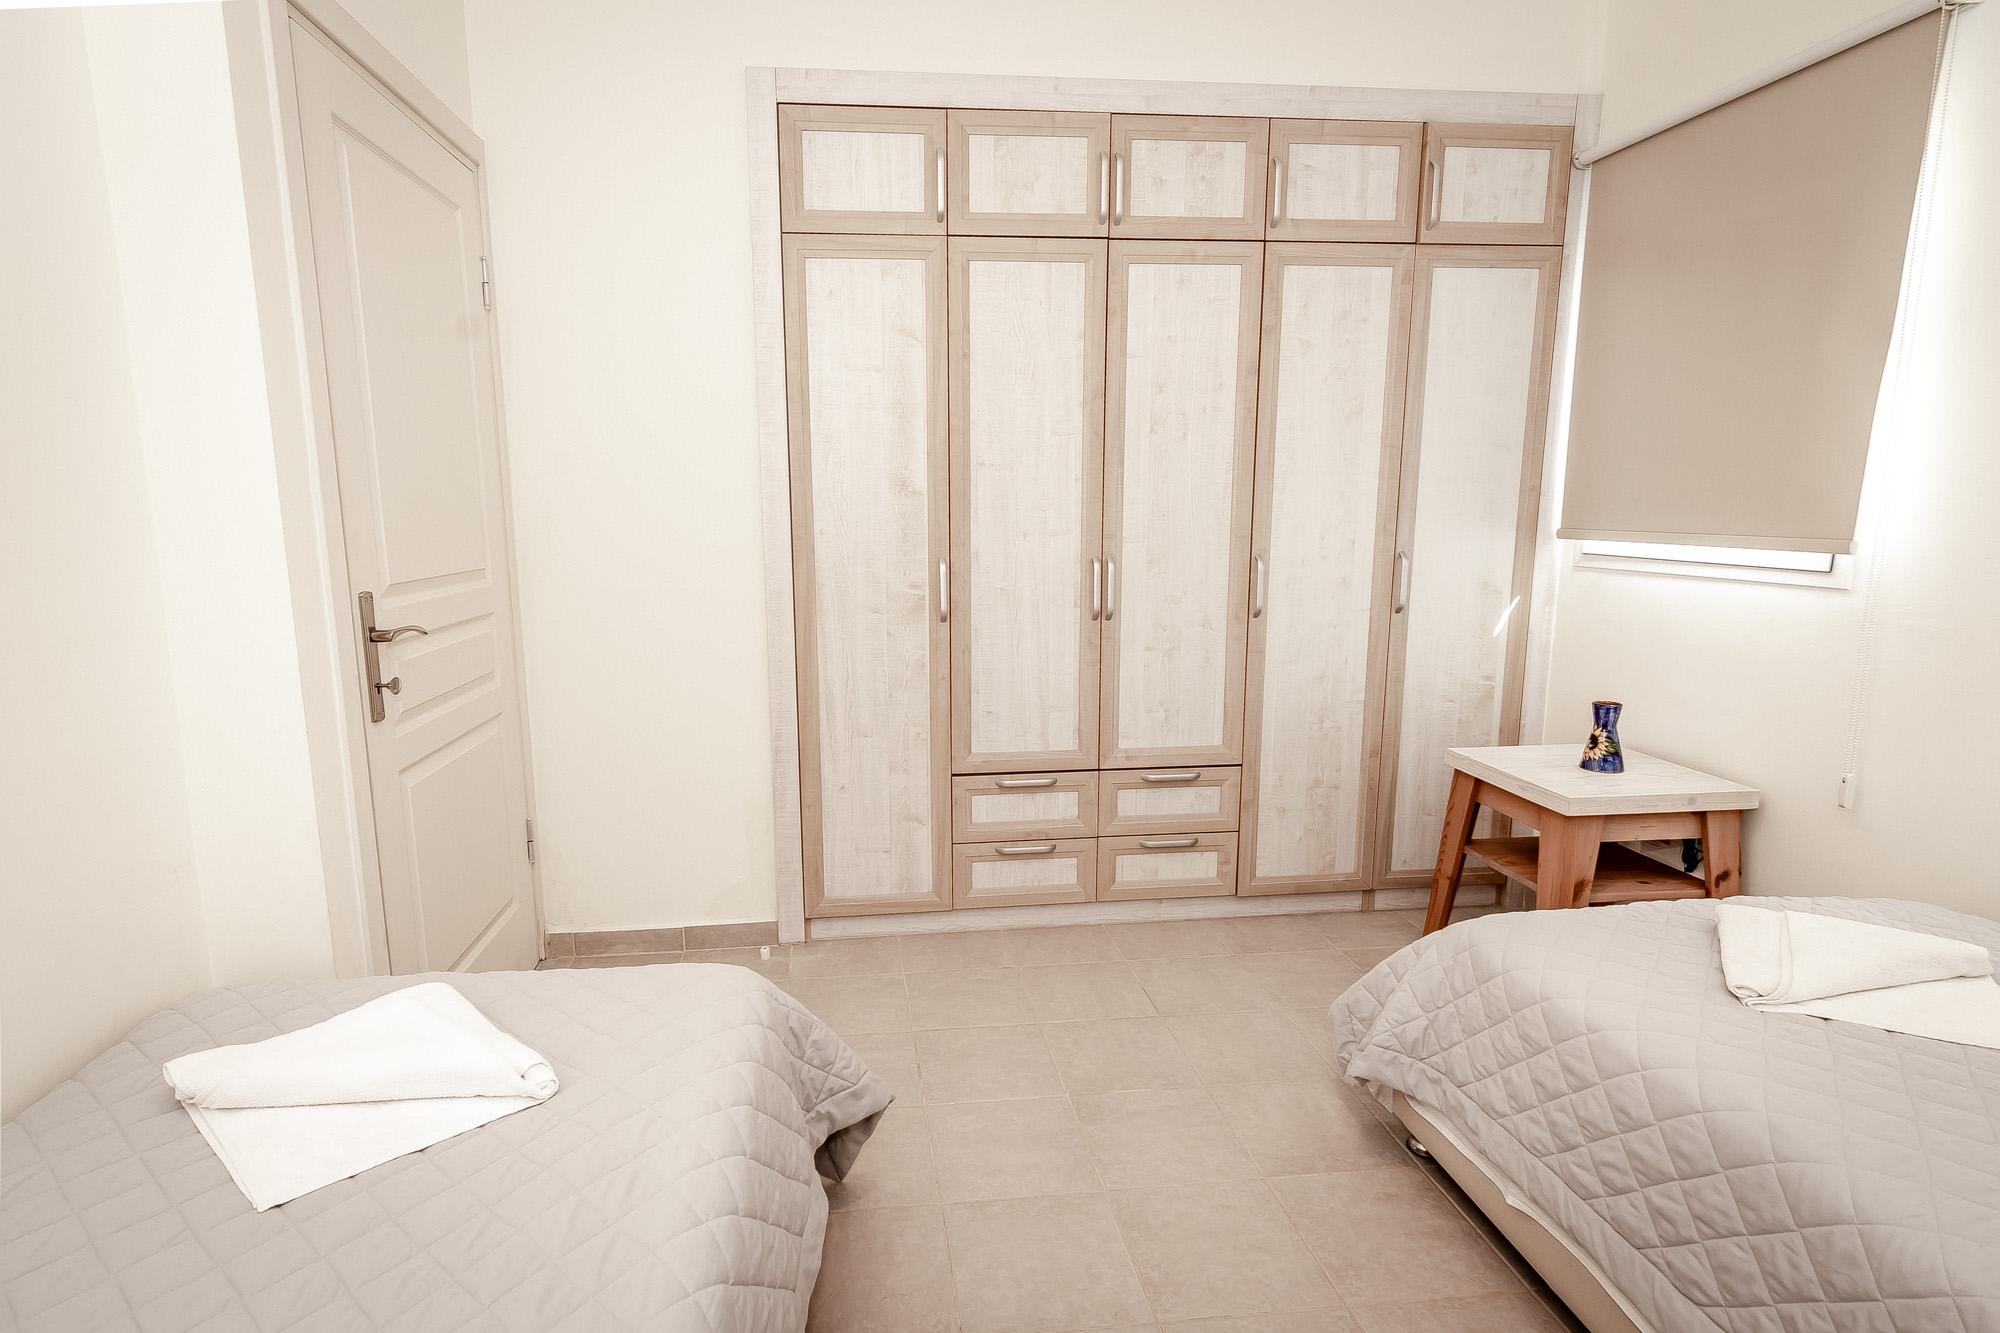 Apartment Joya Cyprus Moonlit Penthouse Apartment photo 20268337